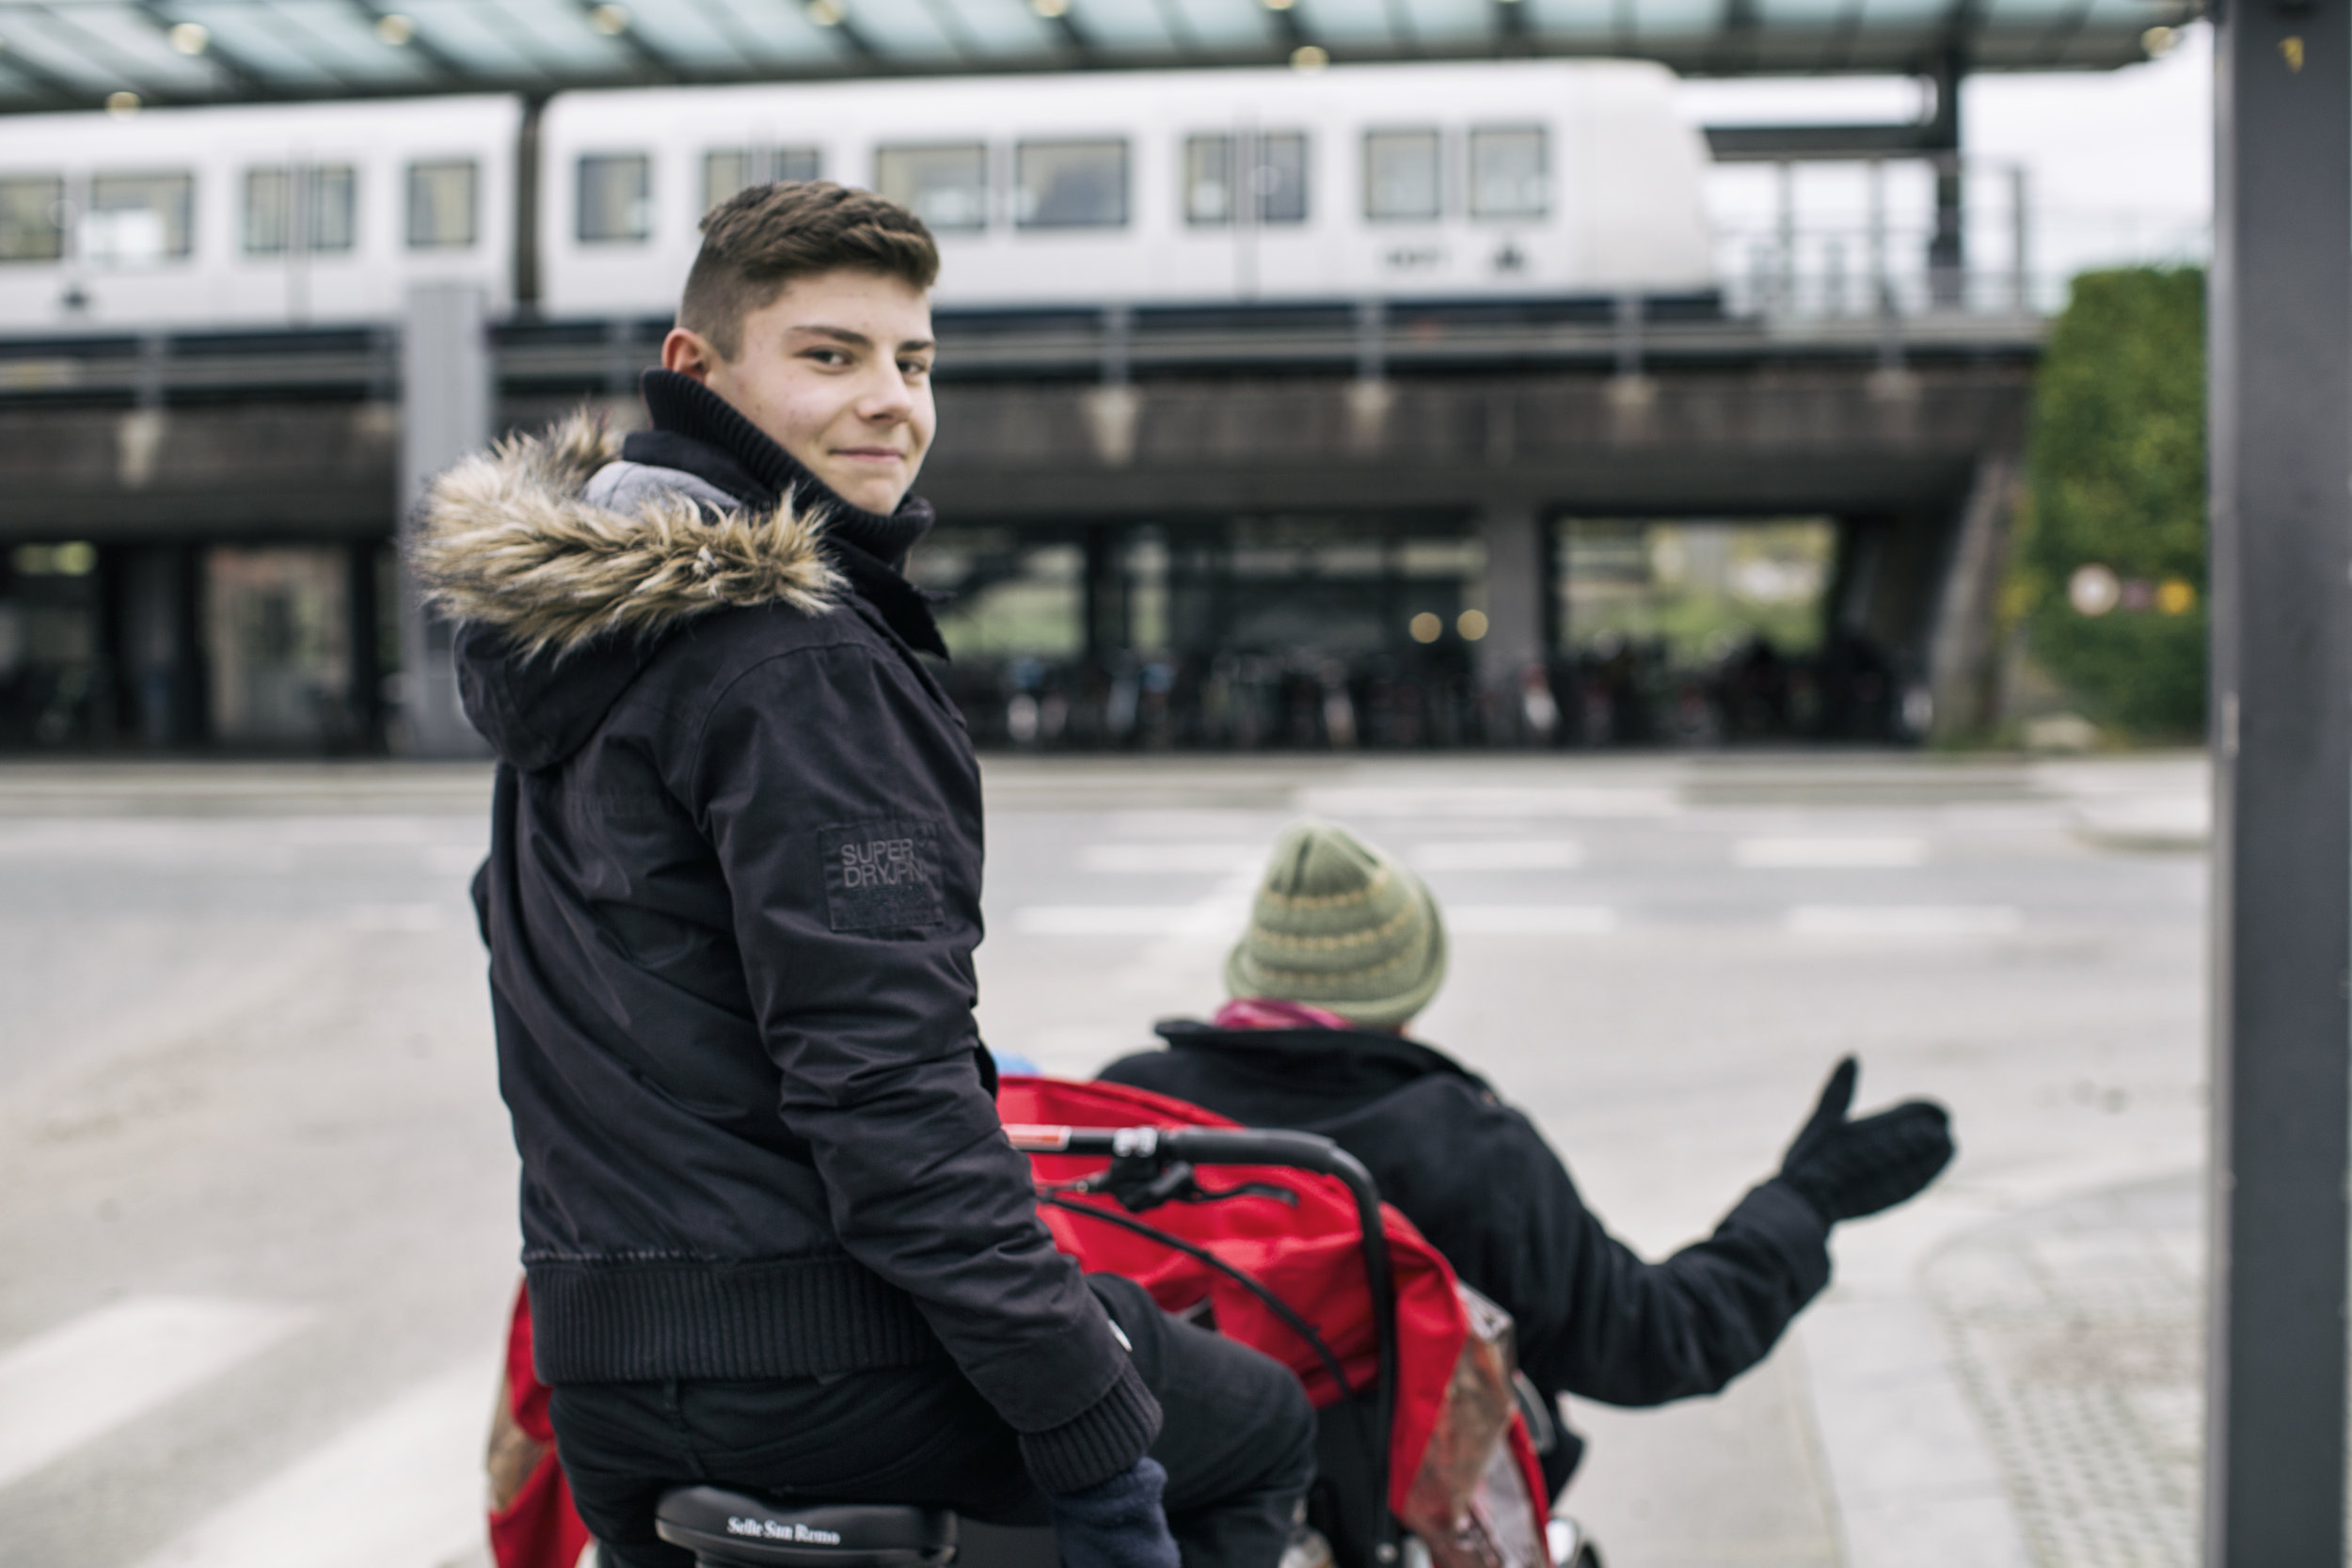 Christian volunteering in Copenhagen